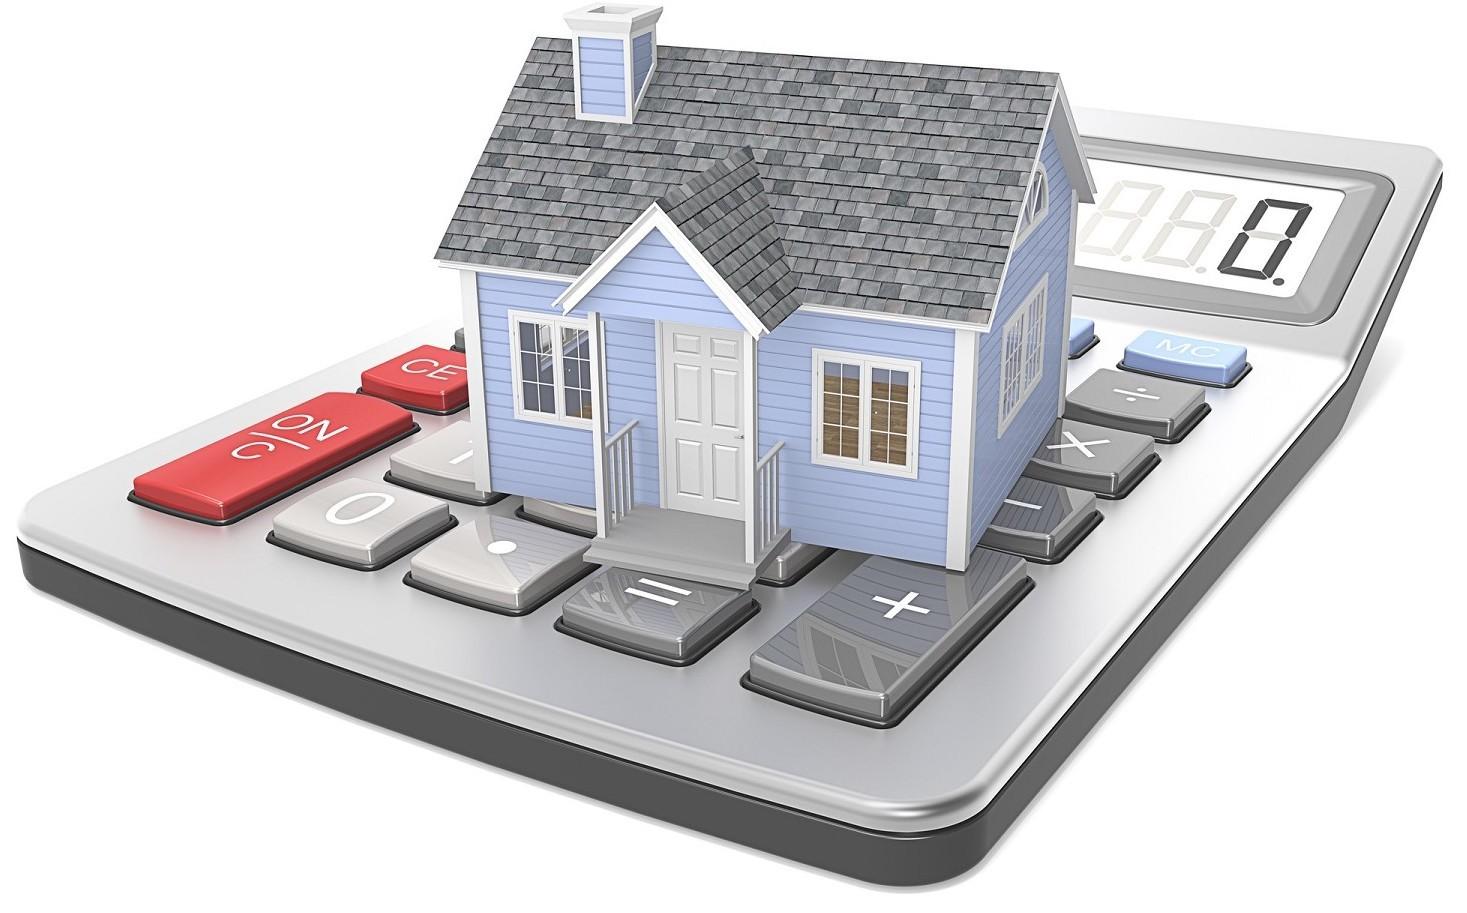 Pignoramento casa per prestito non pagato. Quando può avvenire, leggi e norme in vigore